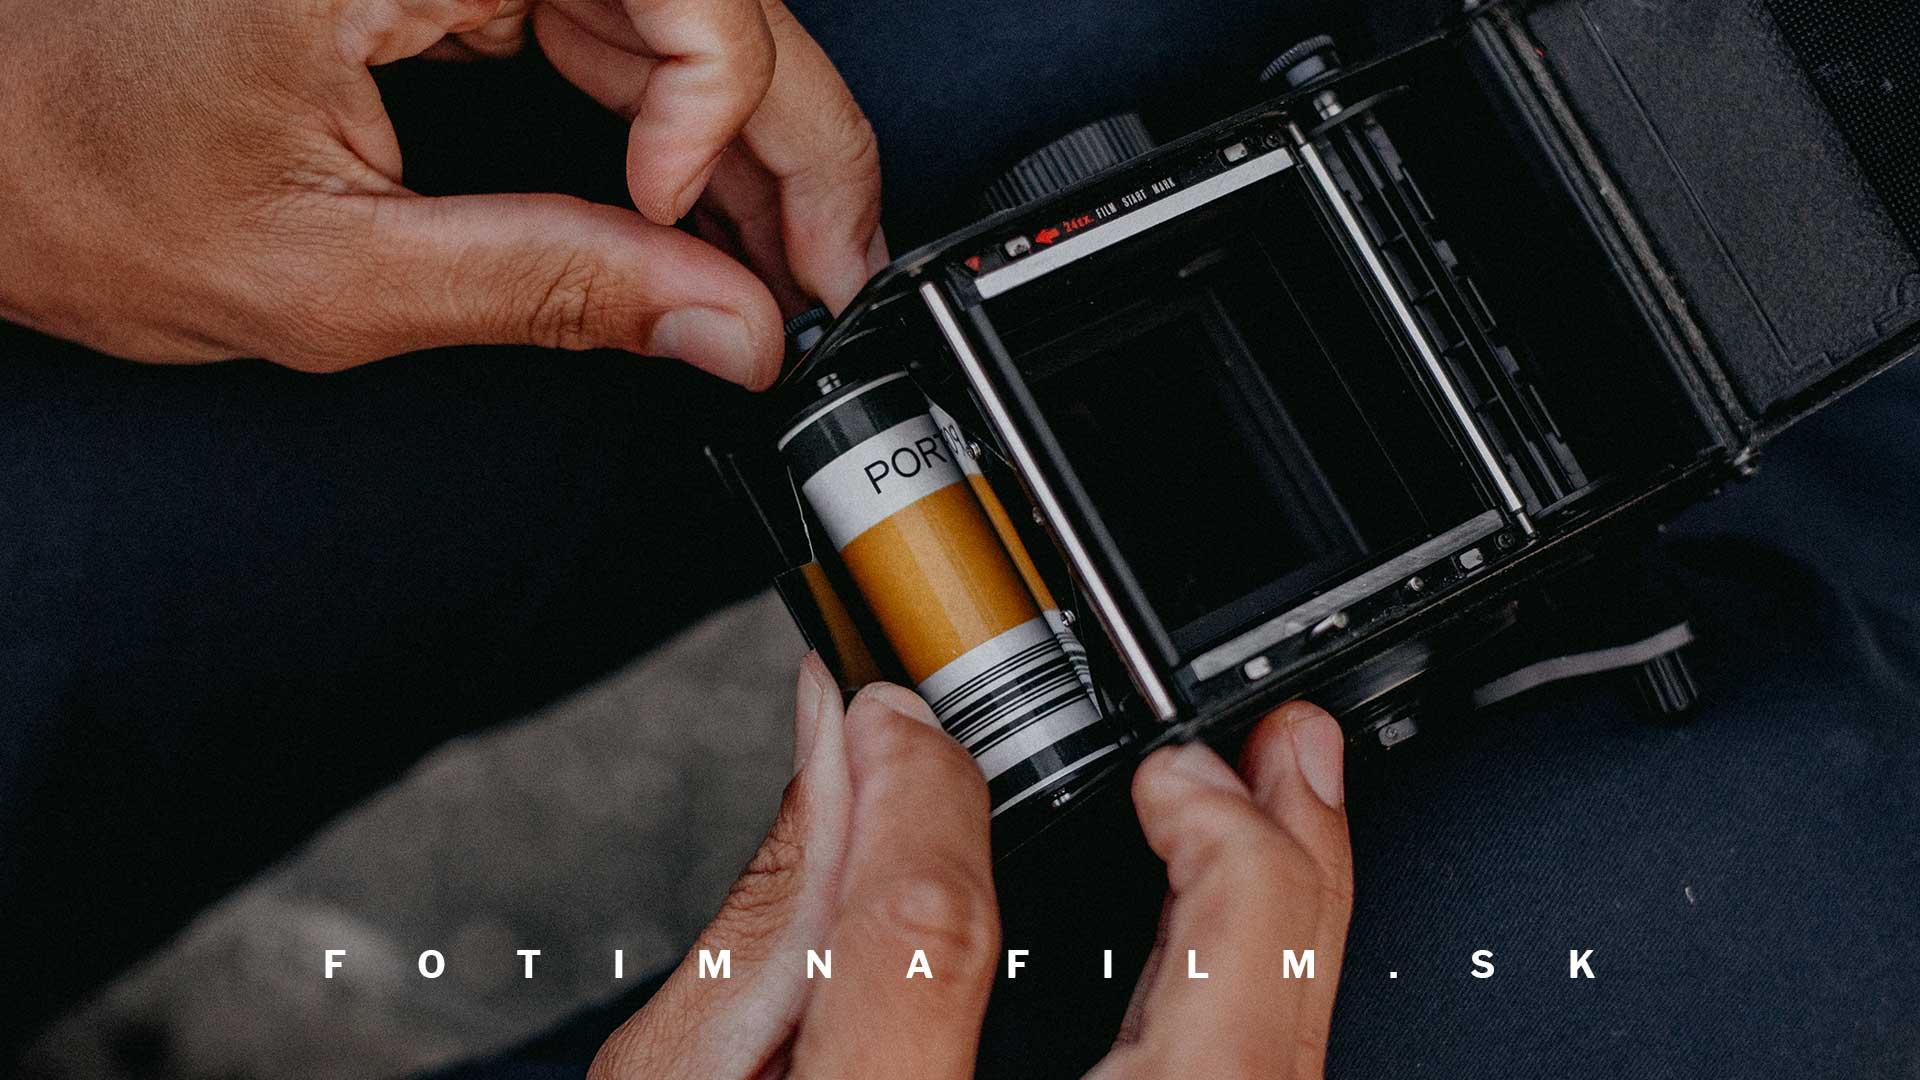 založenie filmu do stredoformátovej zrkadlovky fotoaparátu